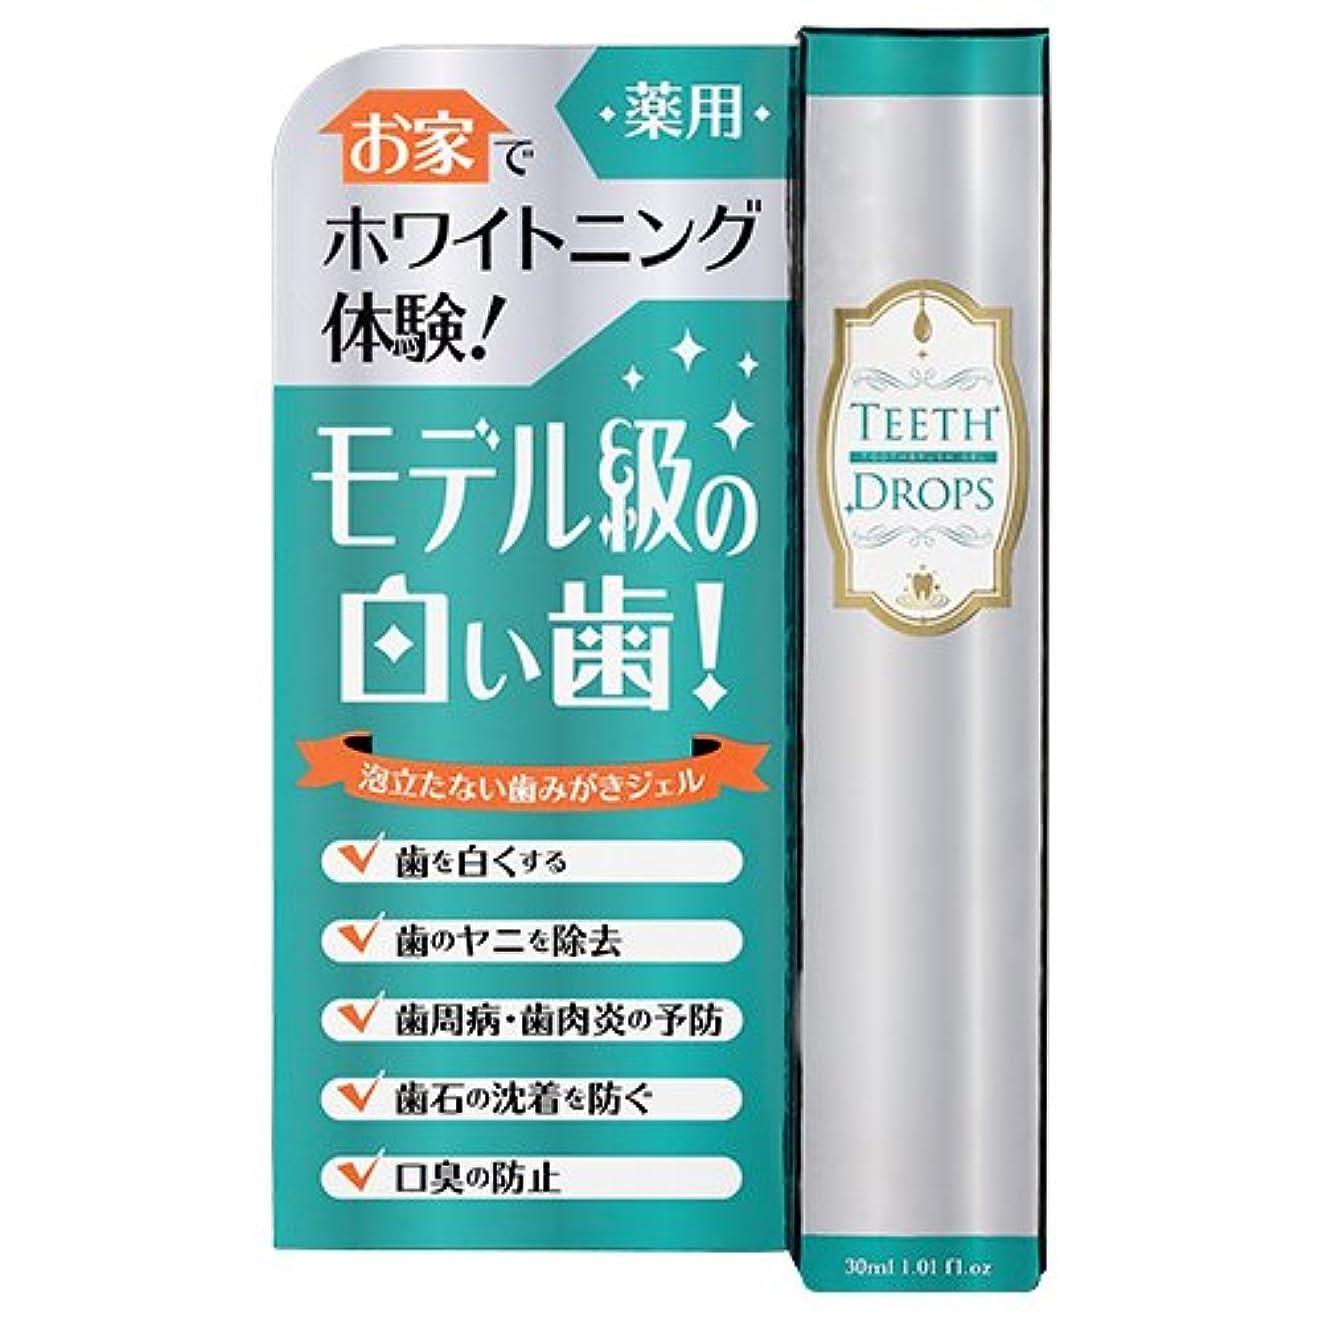 節約する臭いトーナメントティースドロップ(薬用歯磨き)